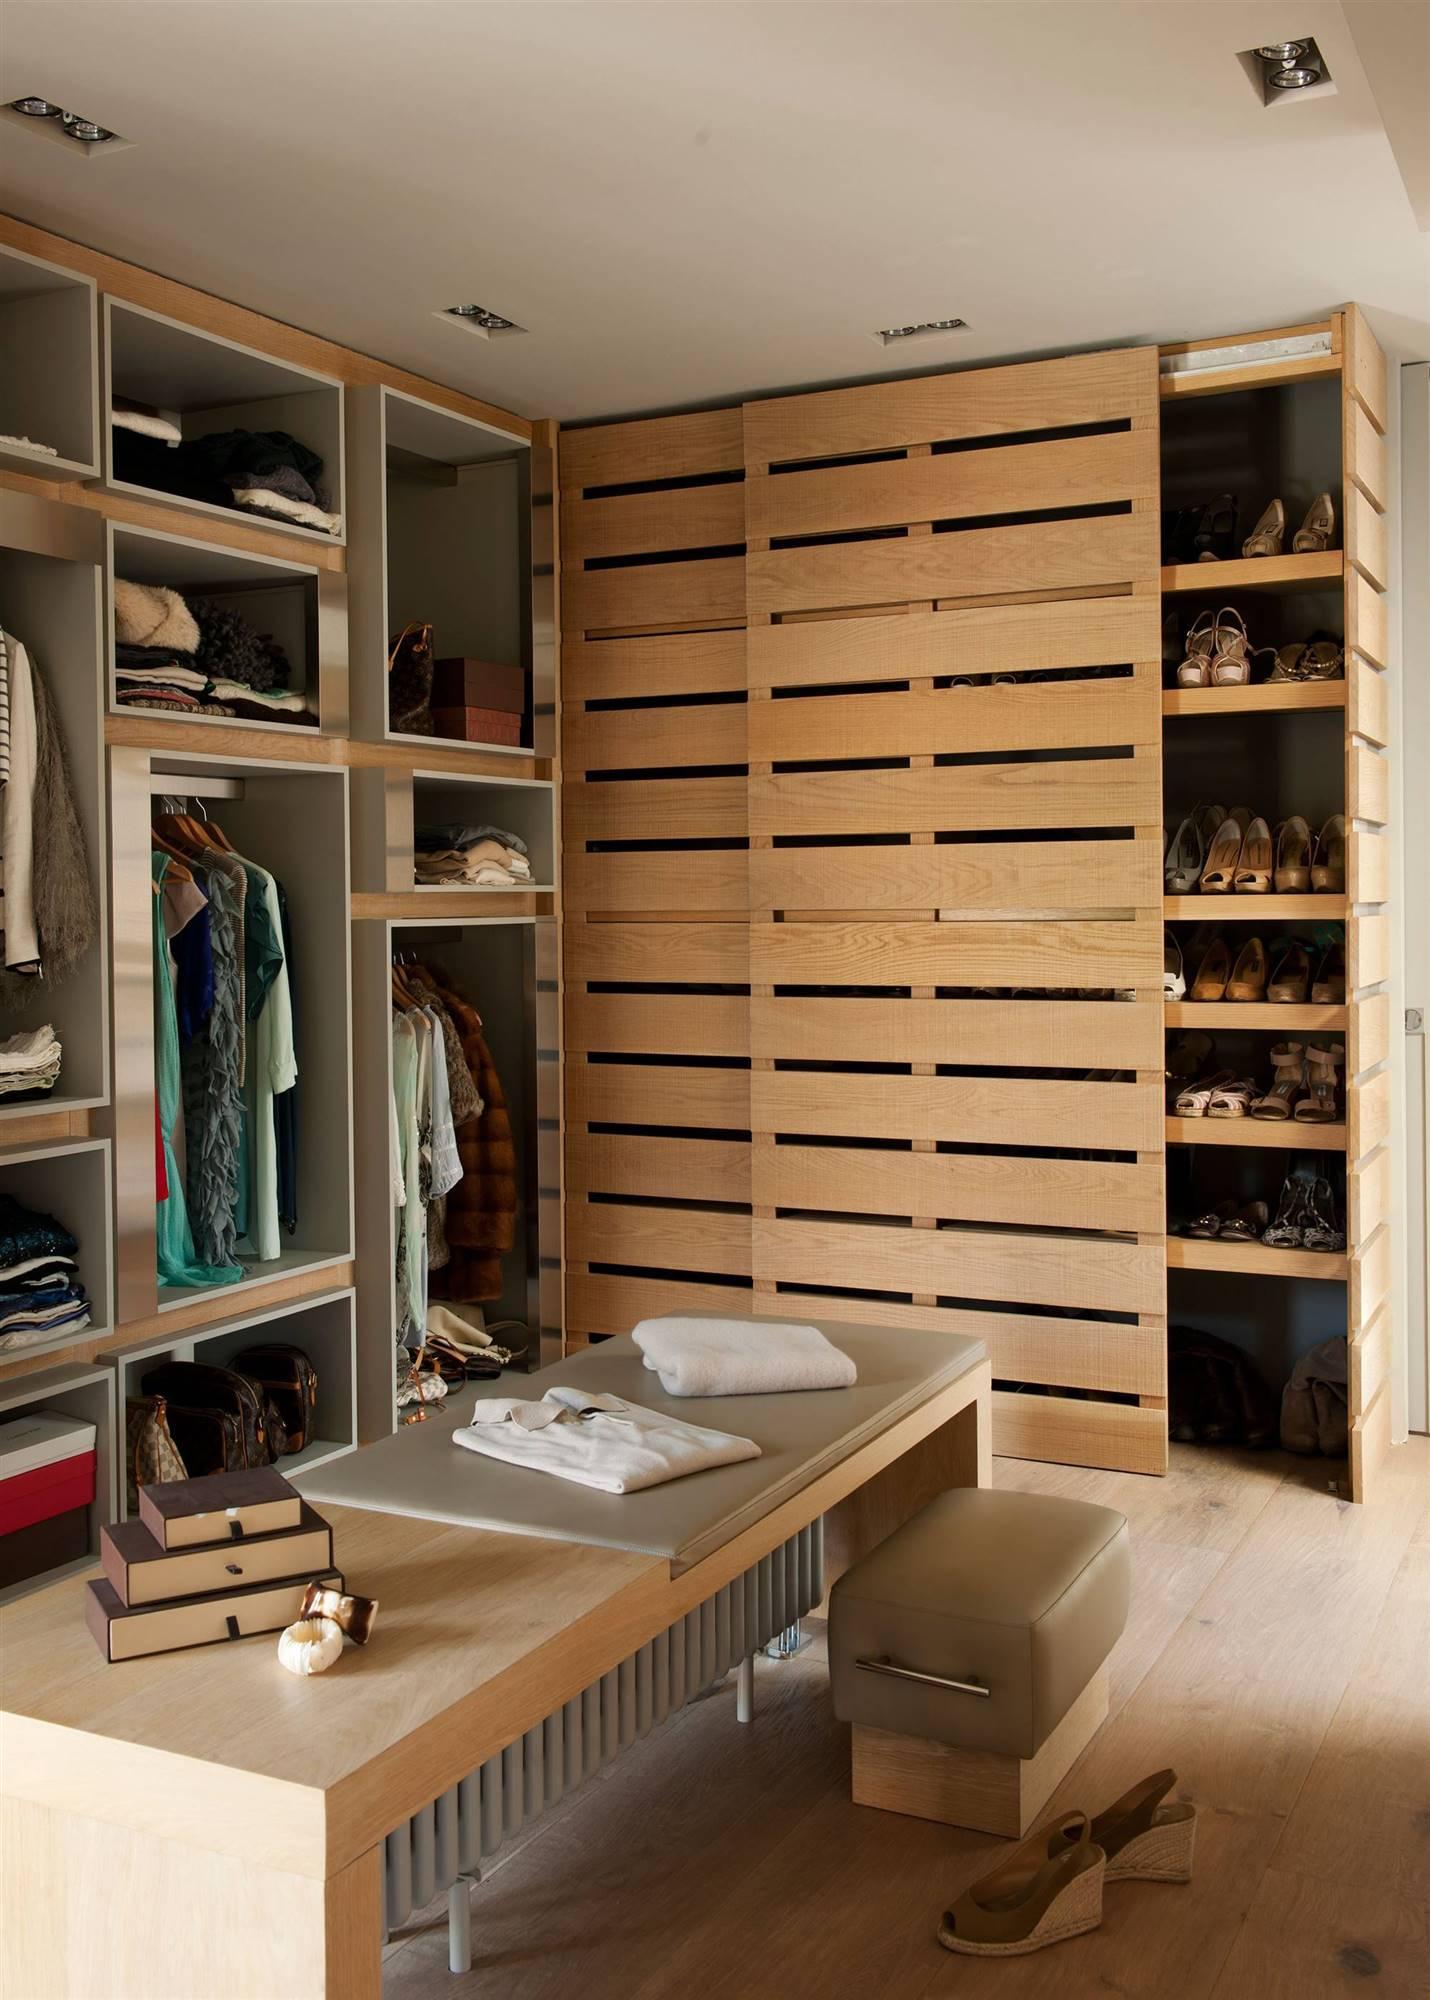 Proyecto Mueble Funcional Diseño De Mobiliario A Medida: Muebles A Medida Modernos